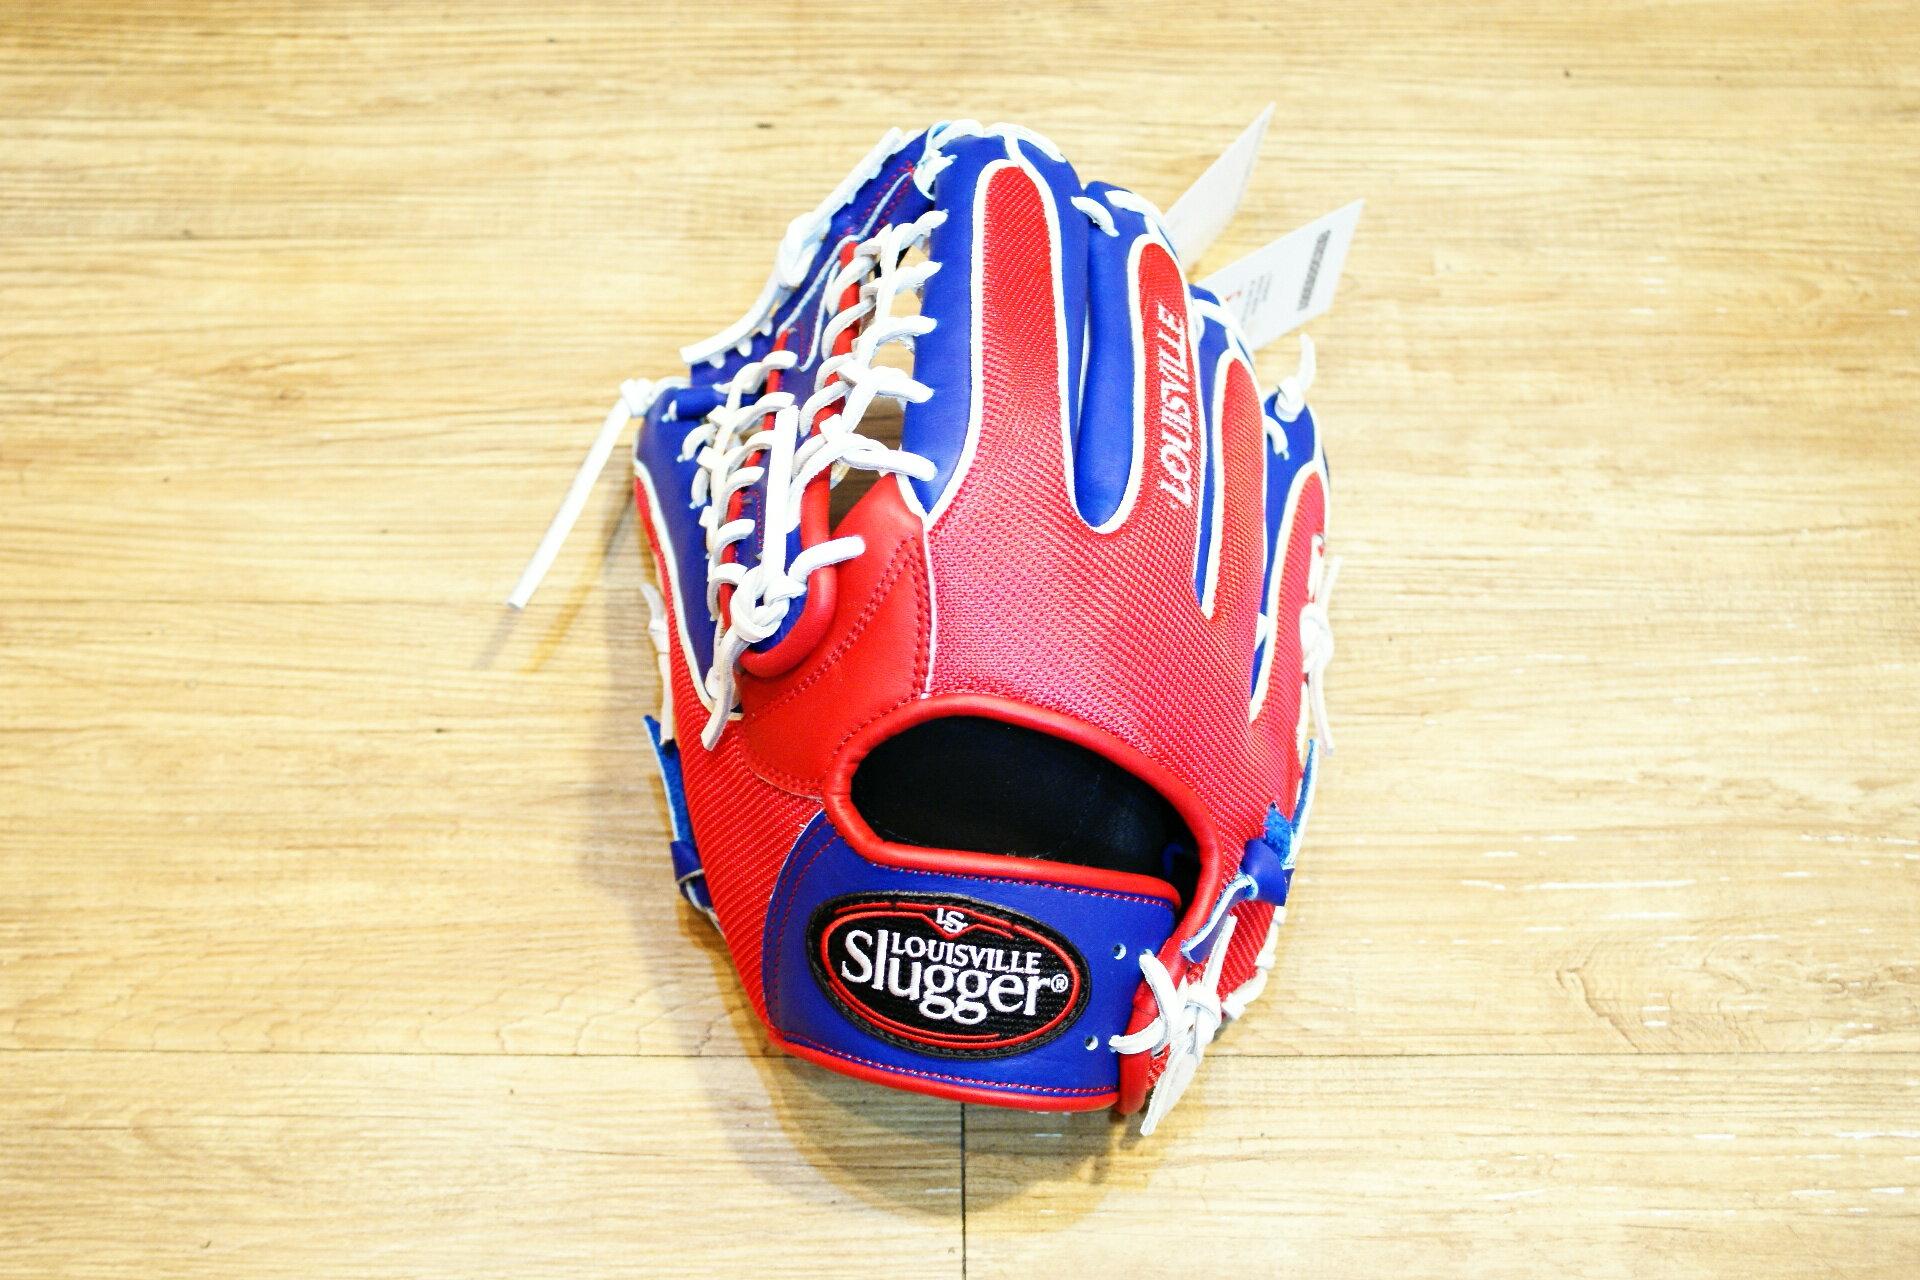 棒球世界 Louisvill Slugger 路易斯威爾TPX LS AIR布織布 外野T網棒壘球手套 特價中華隊配色